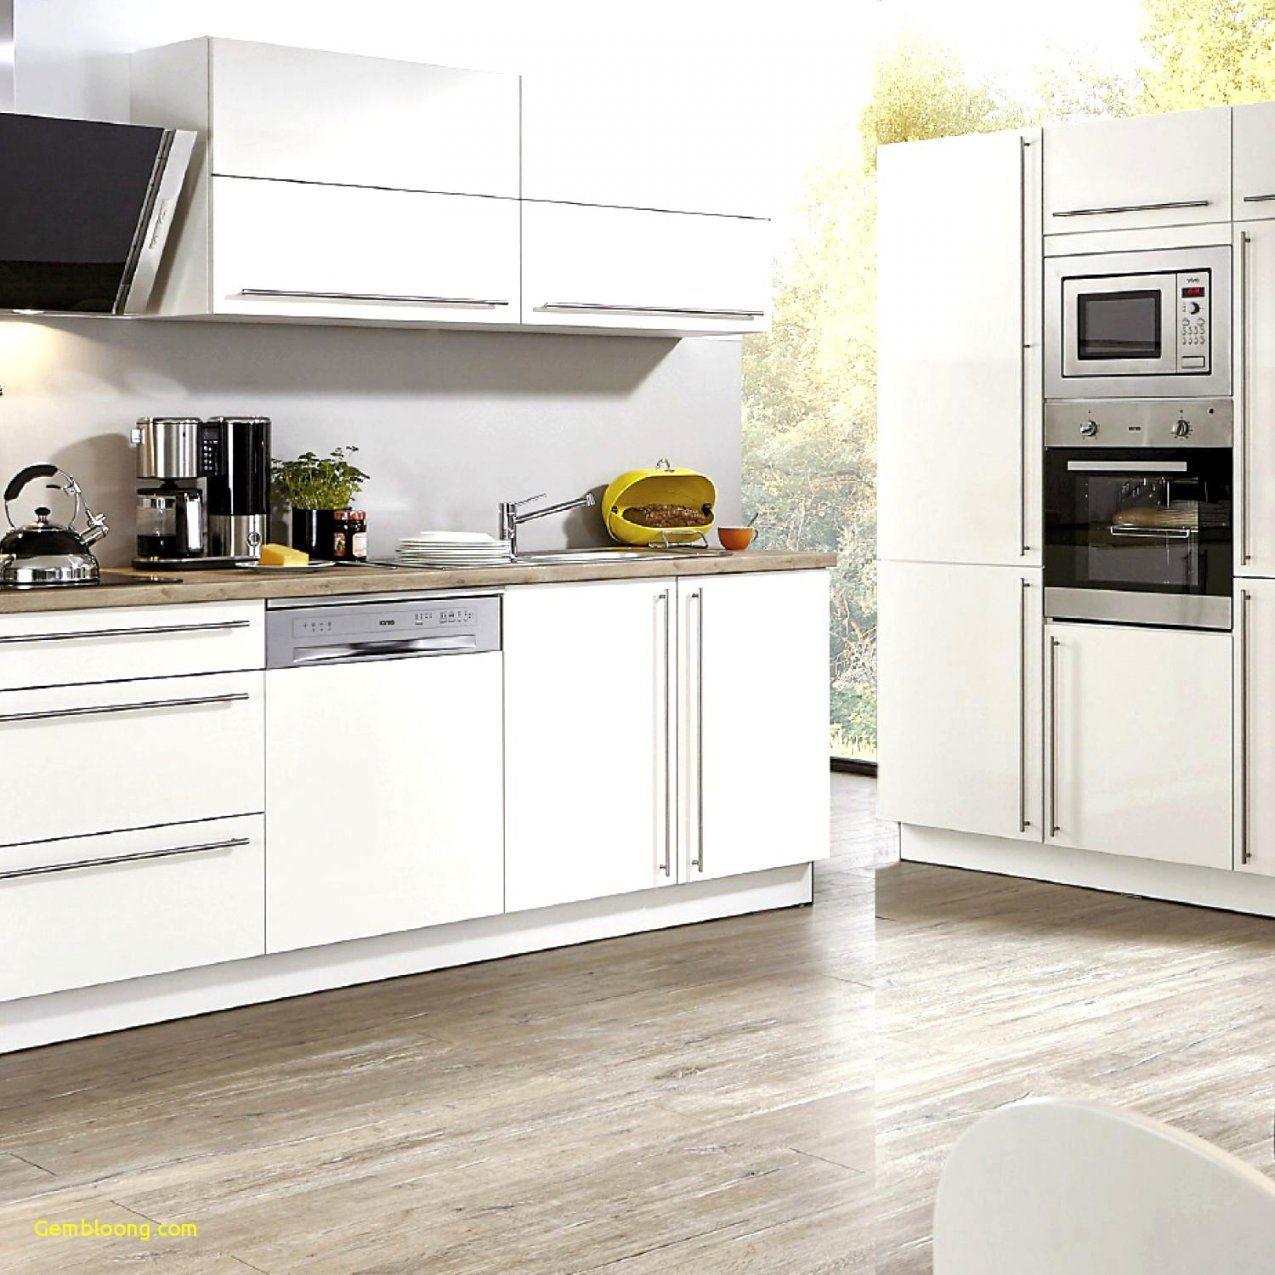 Bank Küche Selber Bauen Und Umbau Des Ikea Expedit Regals Zur von Sitzbank Küche Selber Bauen Bild